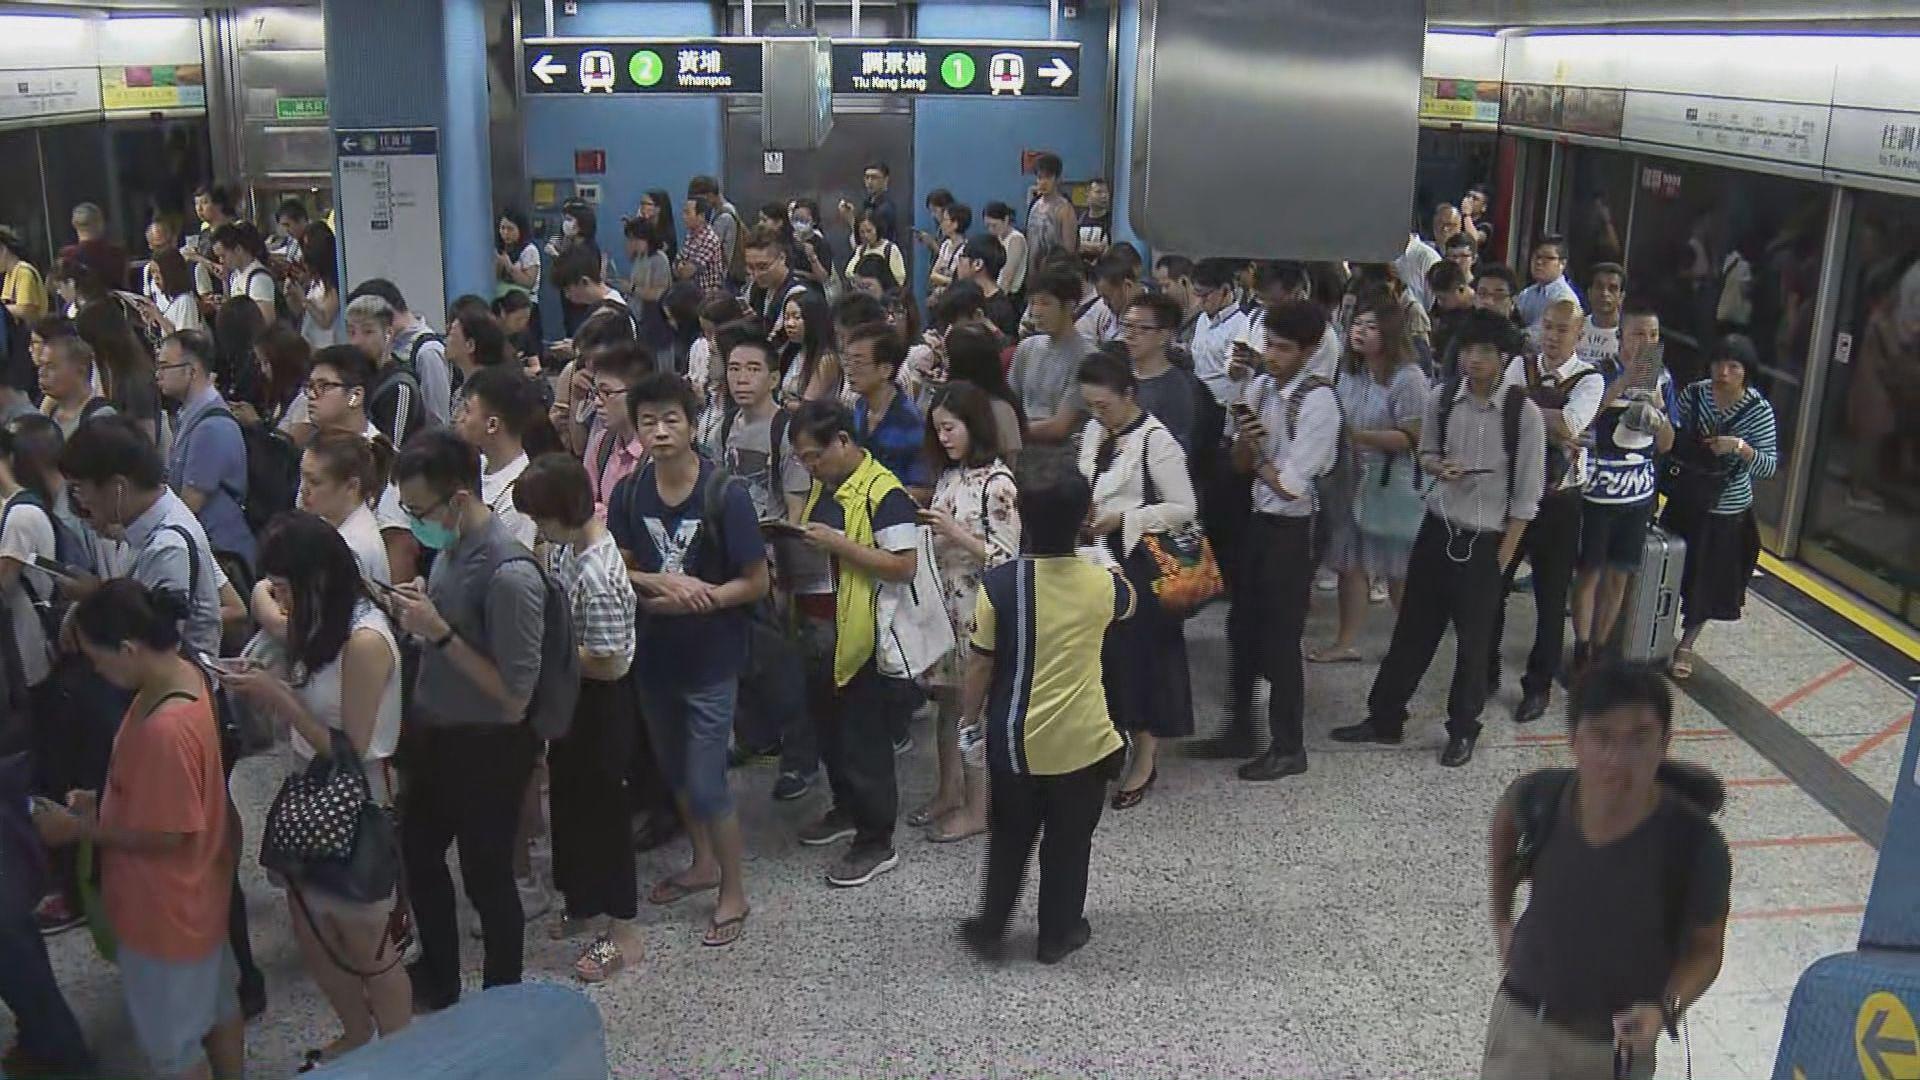 九龍塘站電纜故障觀塘綫服務一度延誤